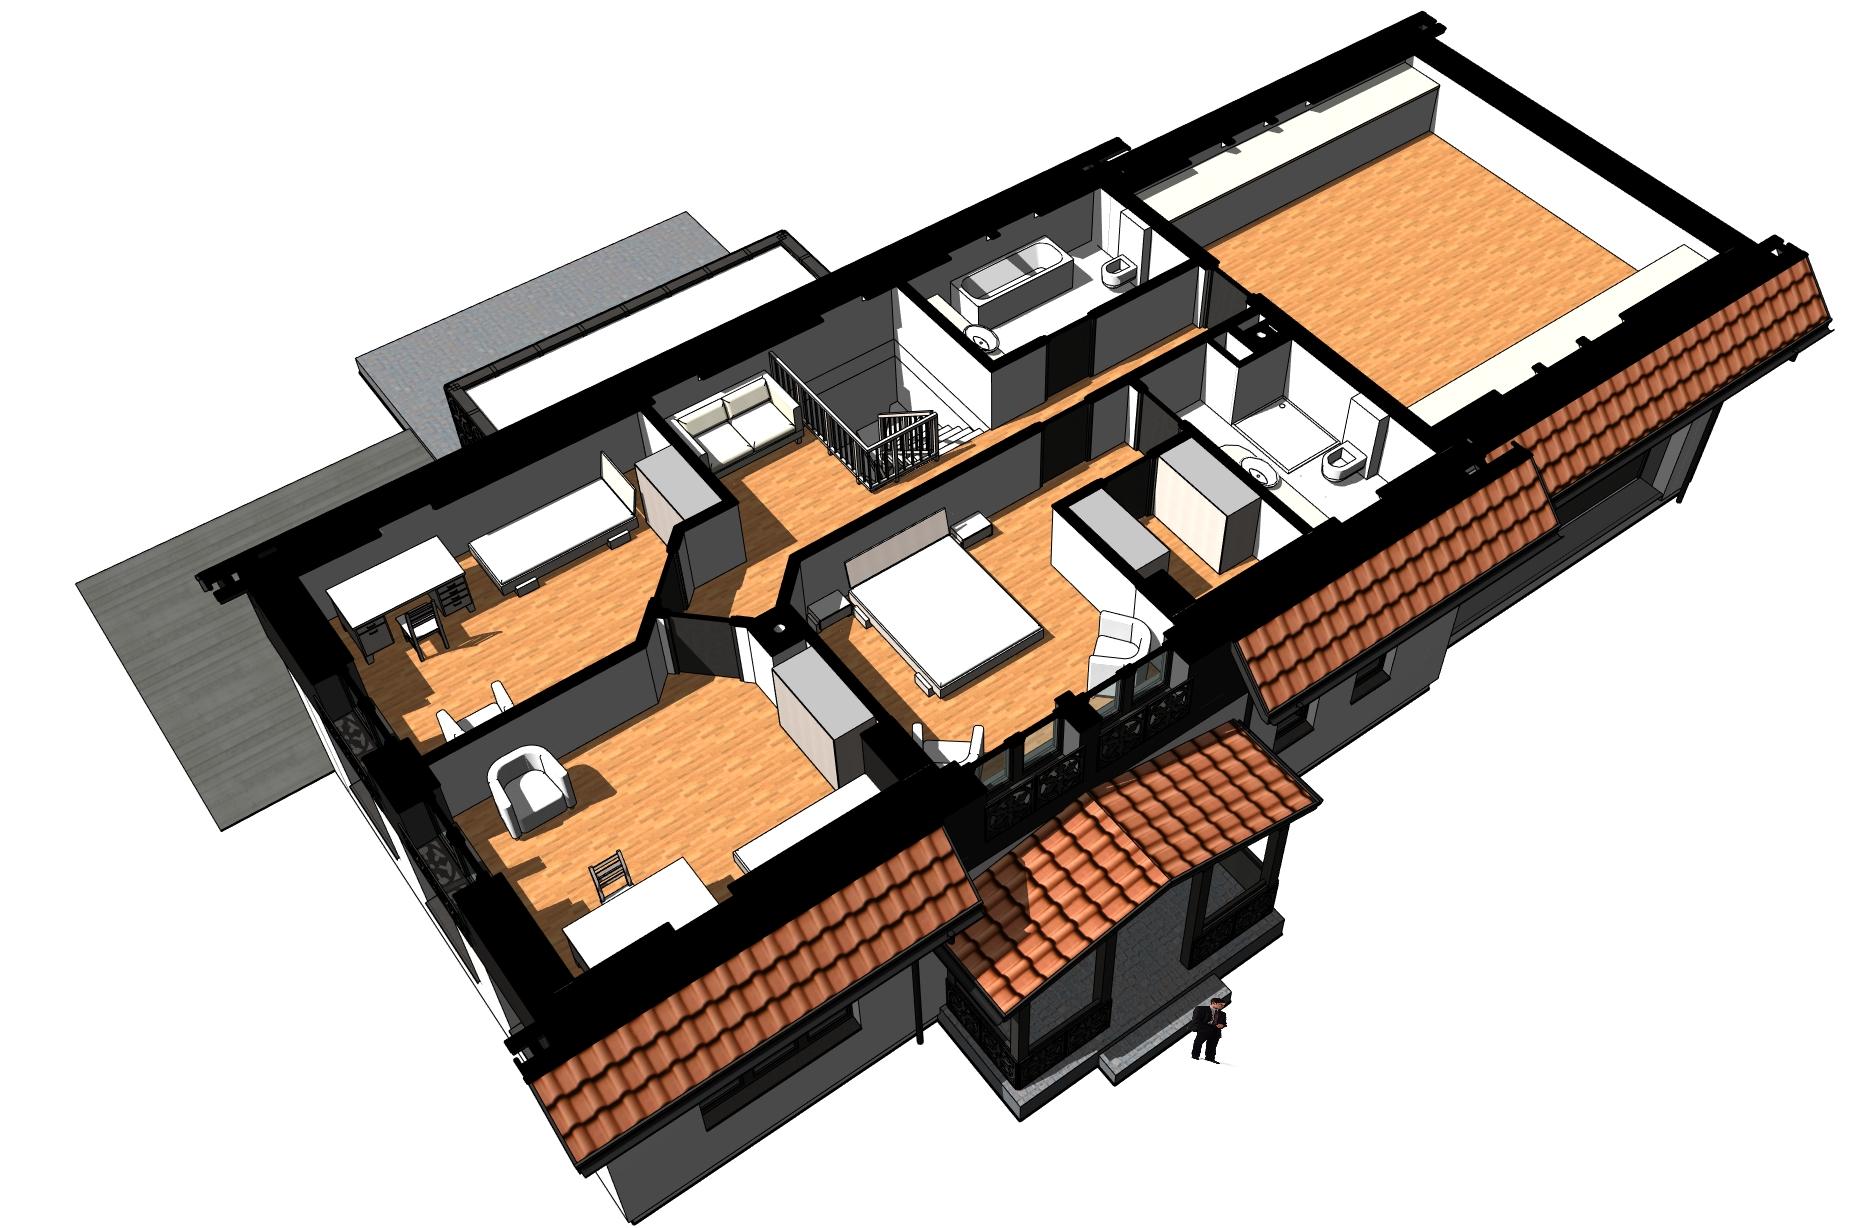 Na poddaszu znalazły się trzy pokoje i pokój rekreacyjny nad garażem. Sypialnia właścicieli wyposażona jest w niezależną garderobę i łazienkę.